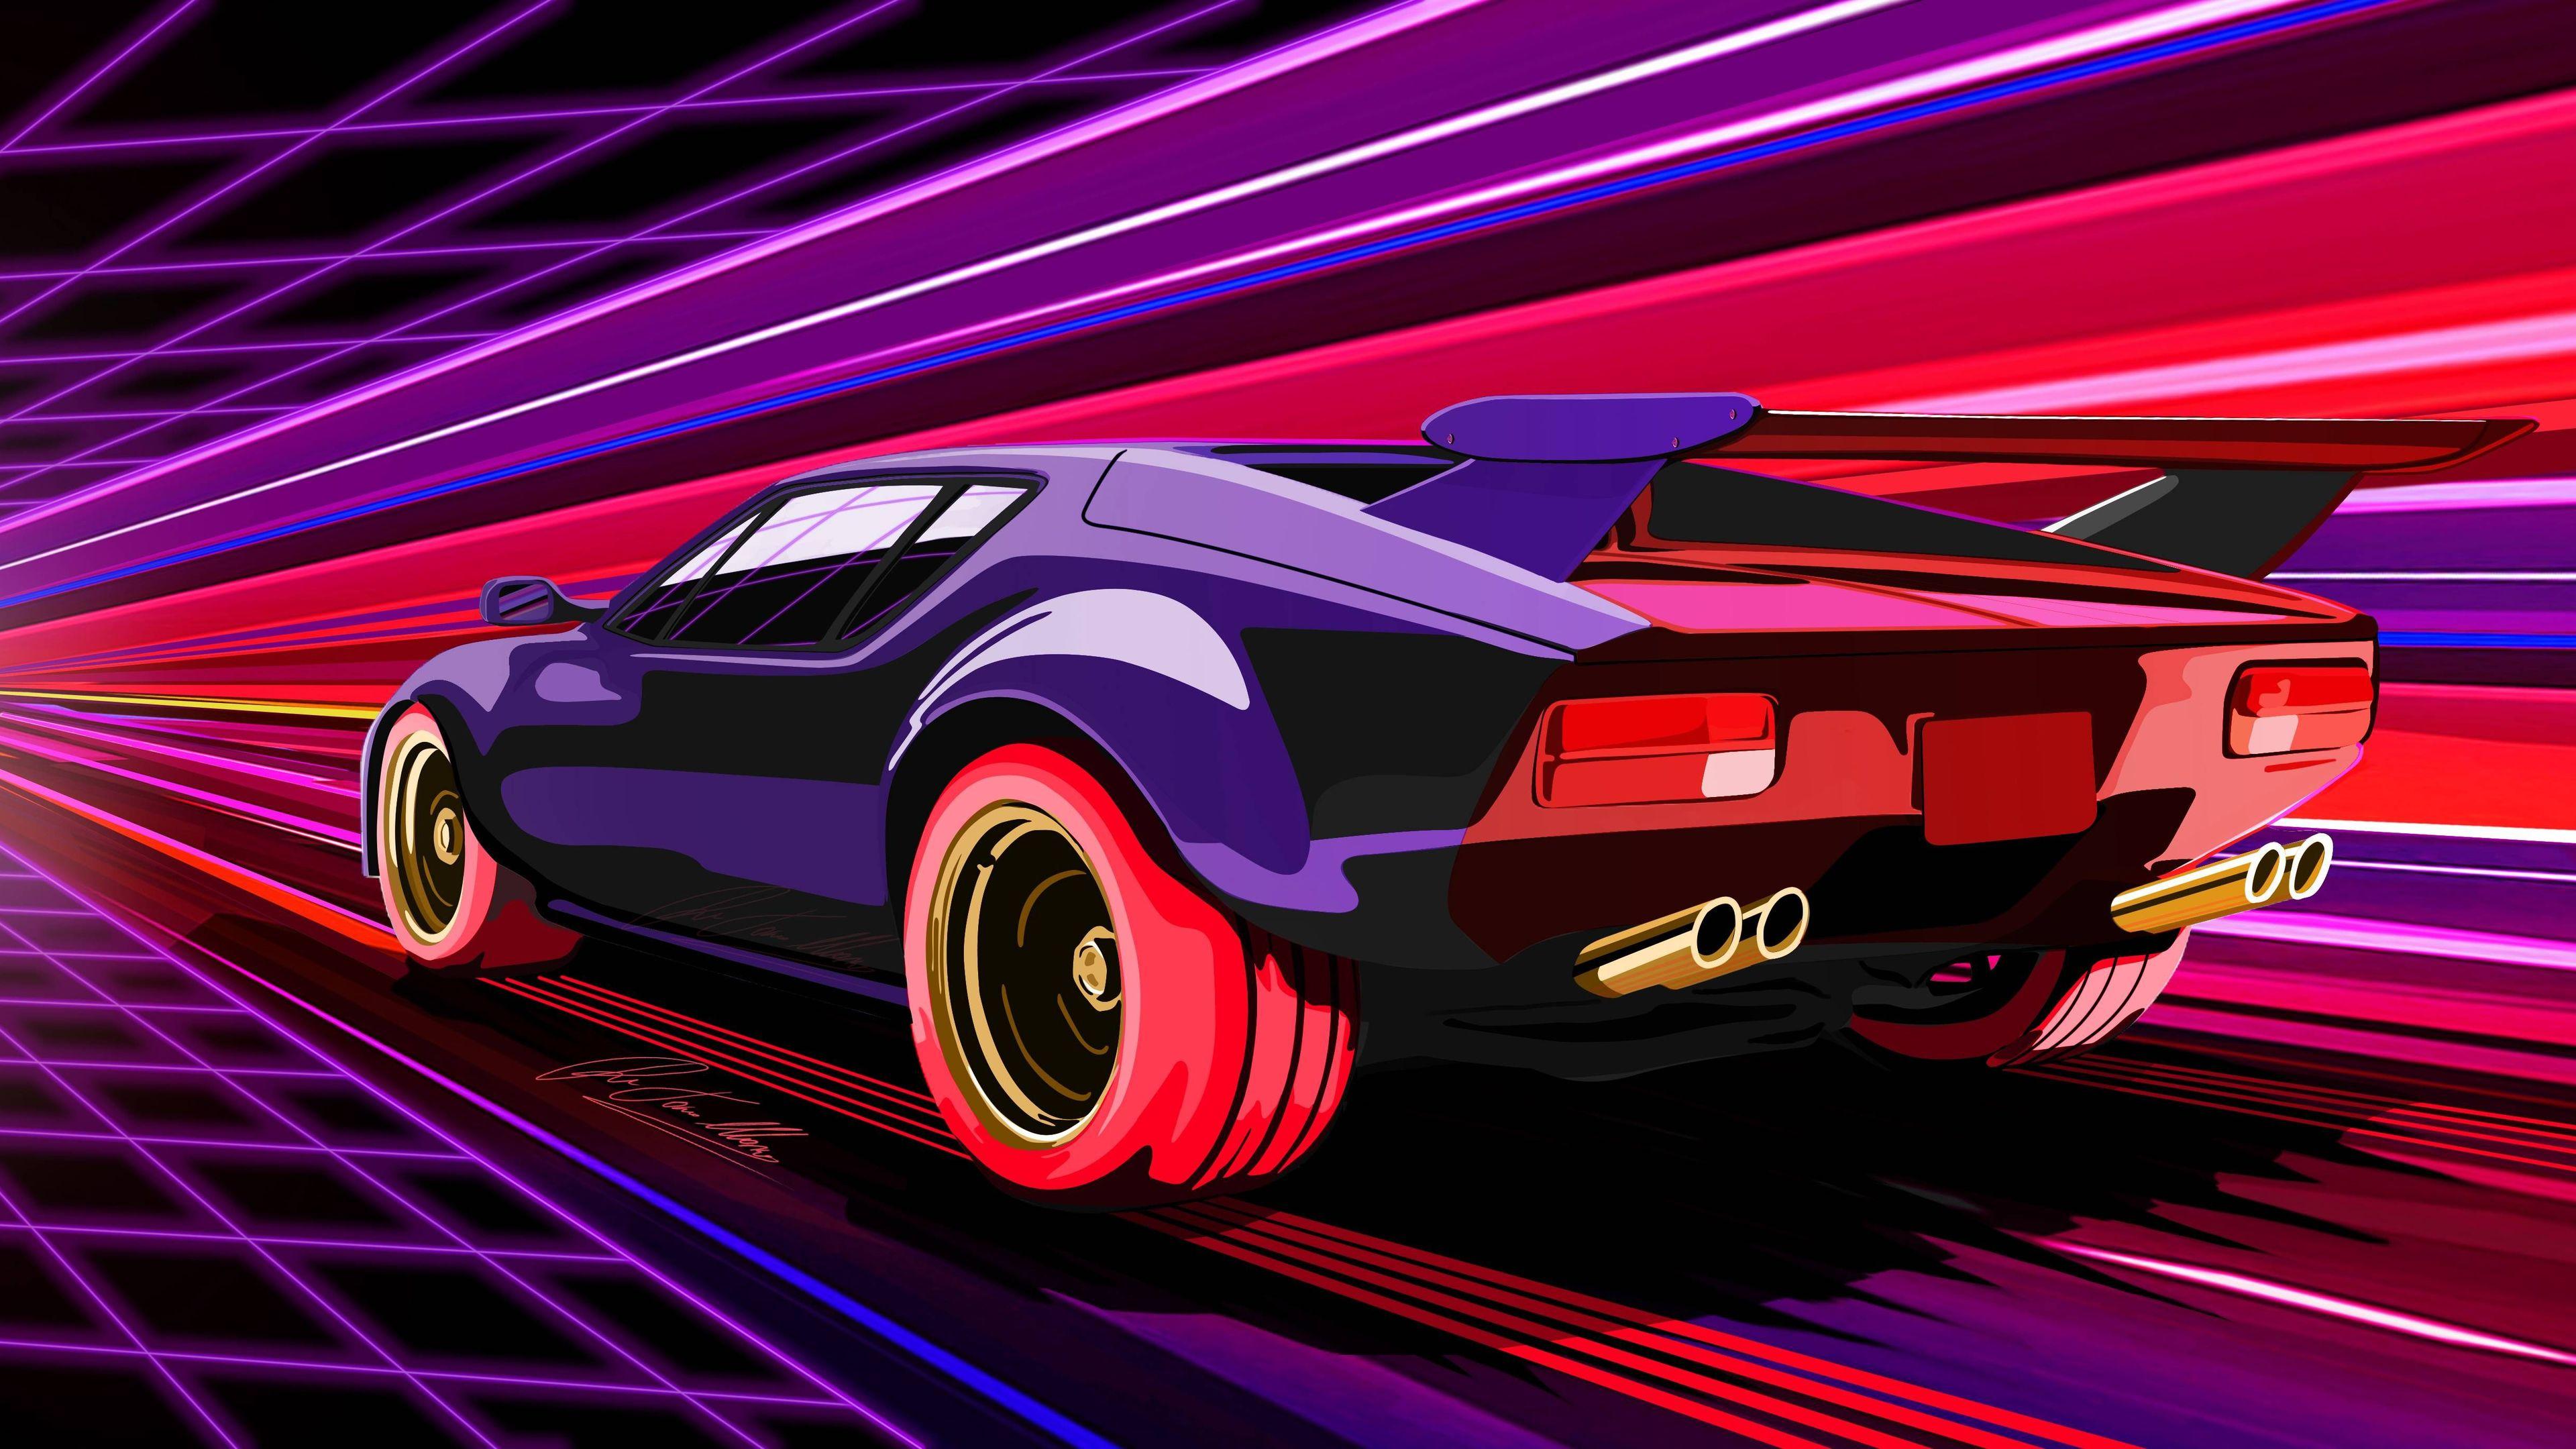 Wallpaper 4k Retro Racing Muscle Car 4k 4k Wallpapers 5k